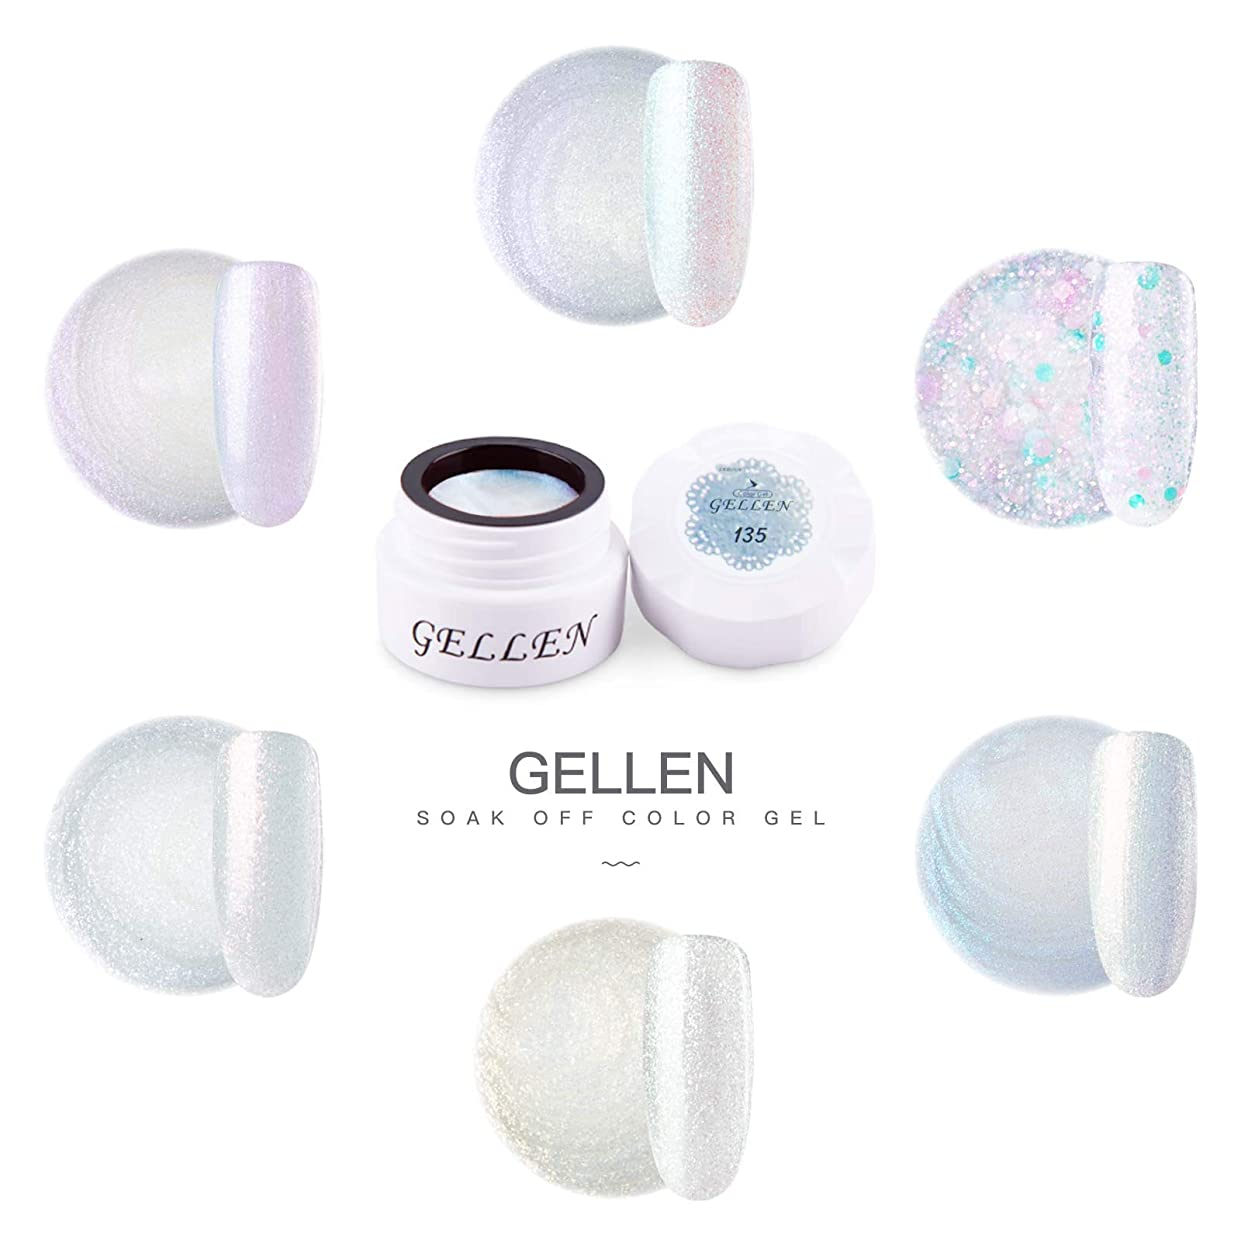 無関心歩行者流Gellen カラージェル 6色 セット[オーロラ カラー系]高品質 5g ジェルネイル カラー ネイルブラシ付き